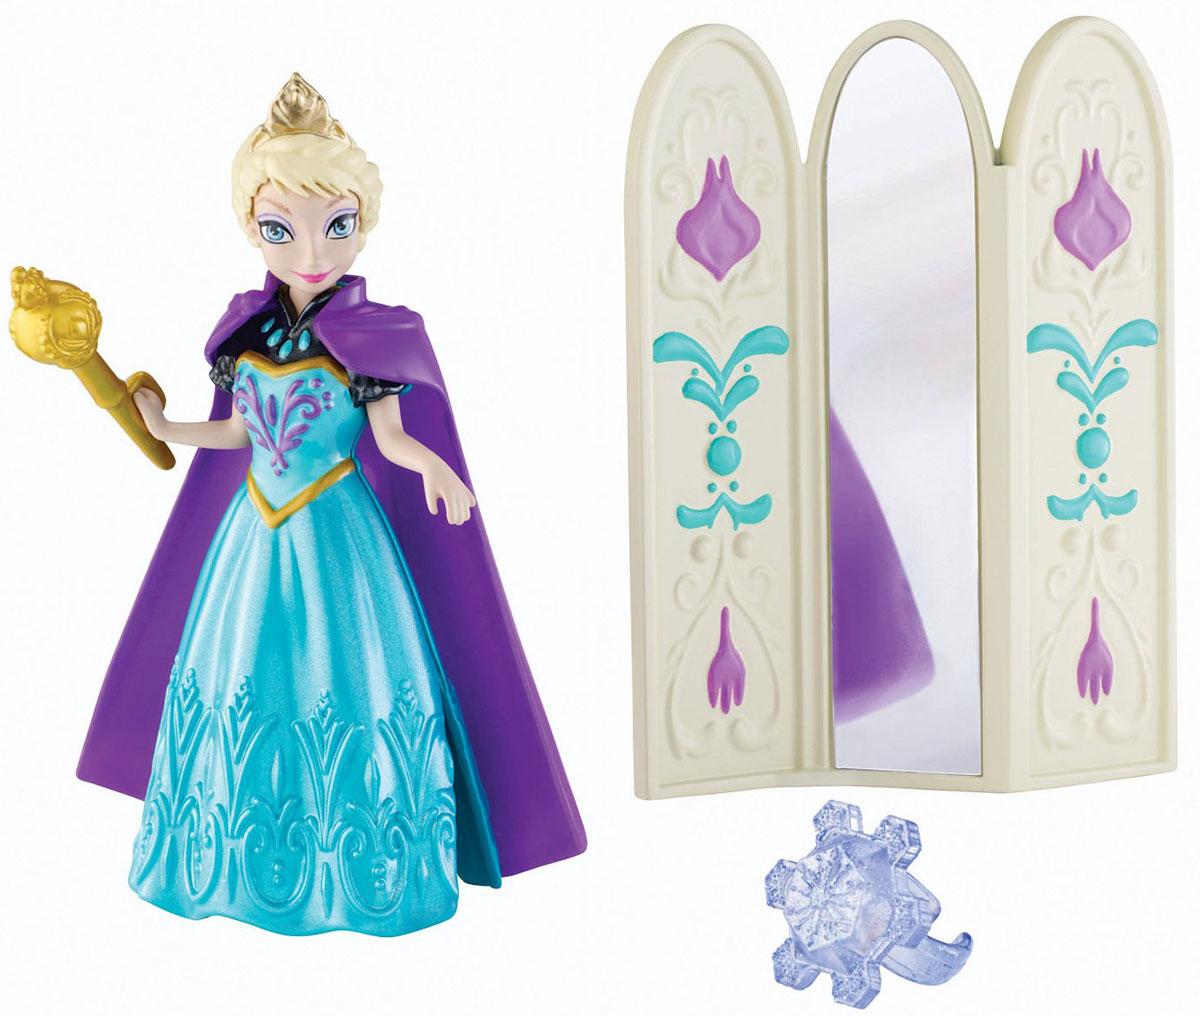 Disney Frozen Мини-кукла Эльза цвет одежды бирюзовый фиолетовый